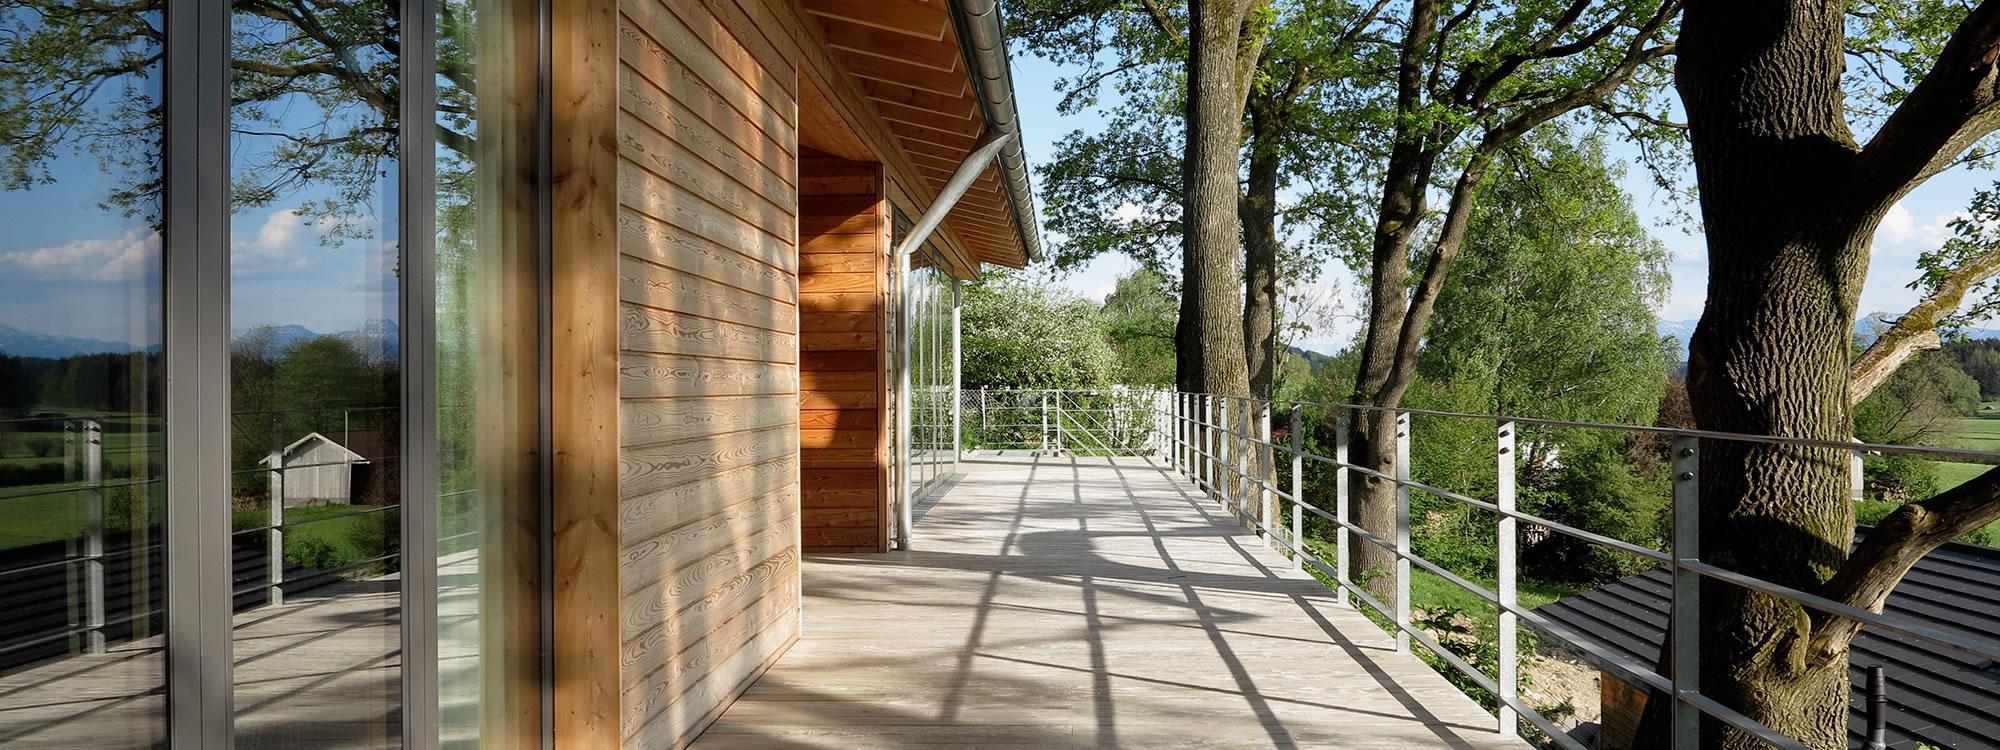 Ökologisch Bauen mit Gruber Naturholzhäusern